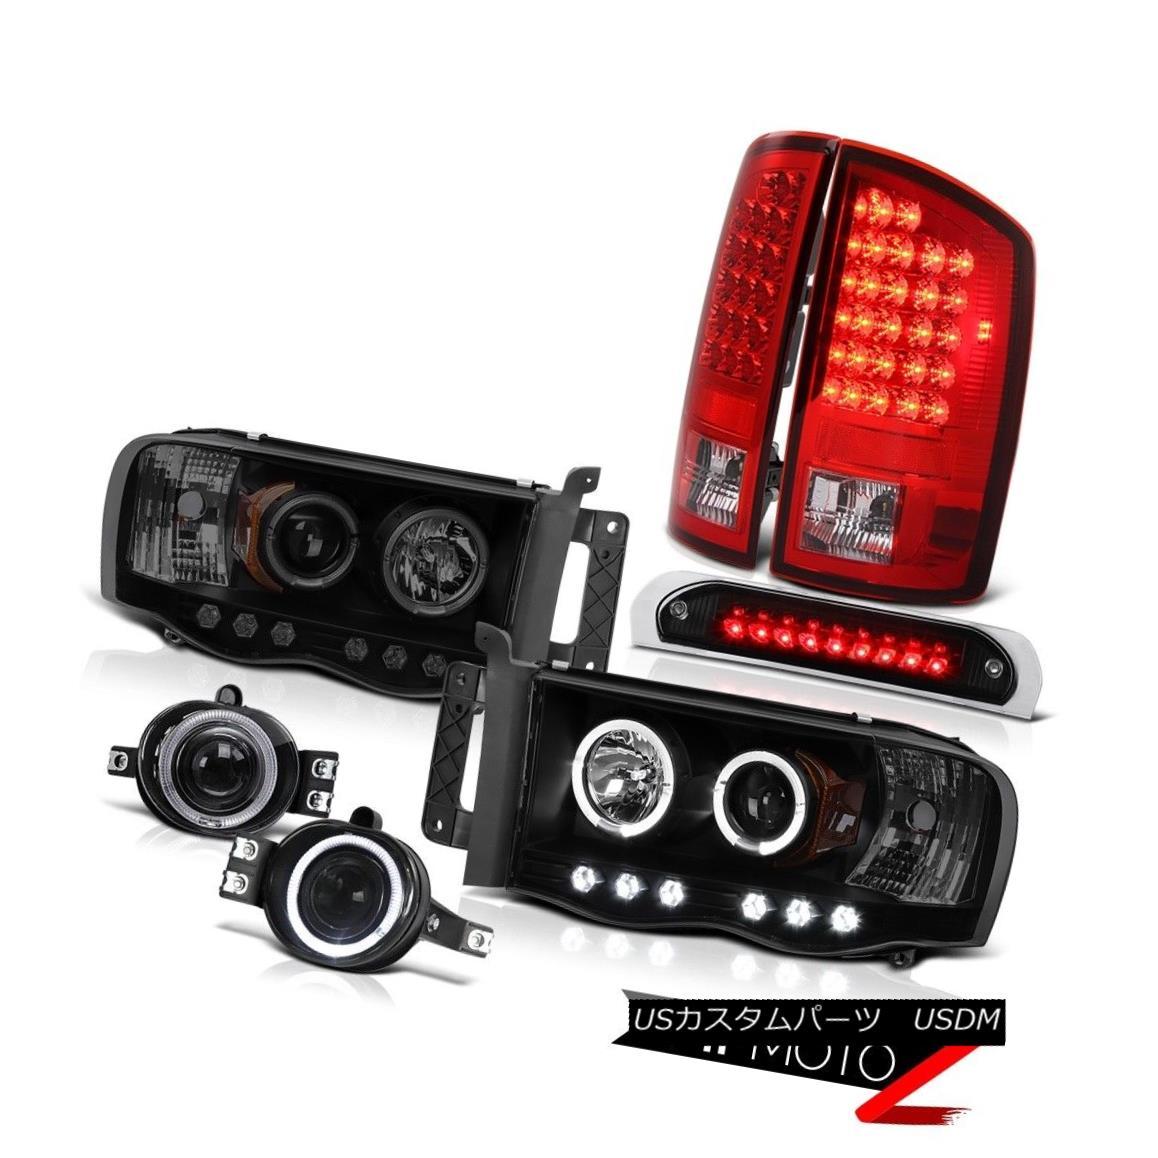 テールライト Dark Angel Eye Headlights LED Brake Tail Lights Fog Cargo 02-05 Ram Turbo Diesel ダークエンジェルアイヘッドライトLEDブレーキテールライトフォグカーゴ02-05ラムターボディーゼル